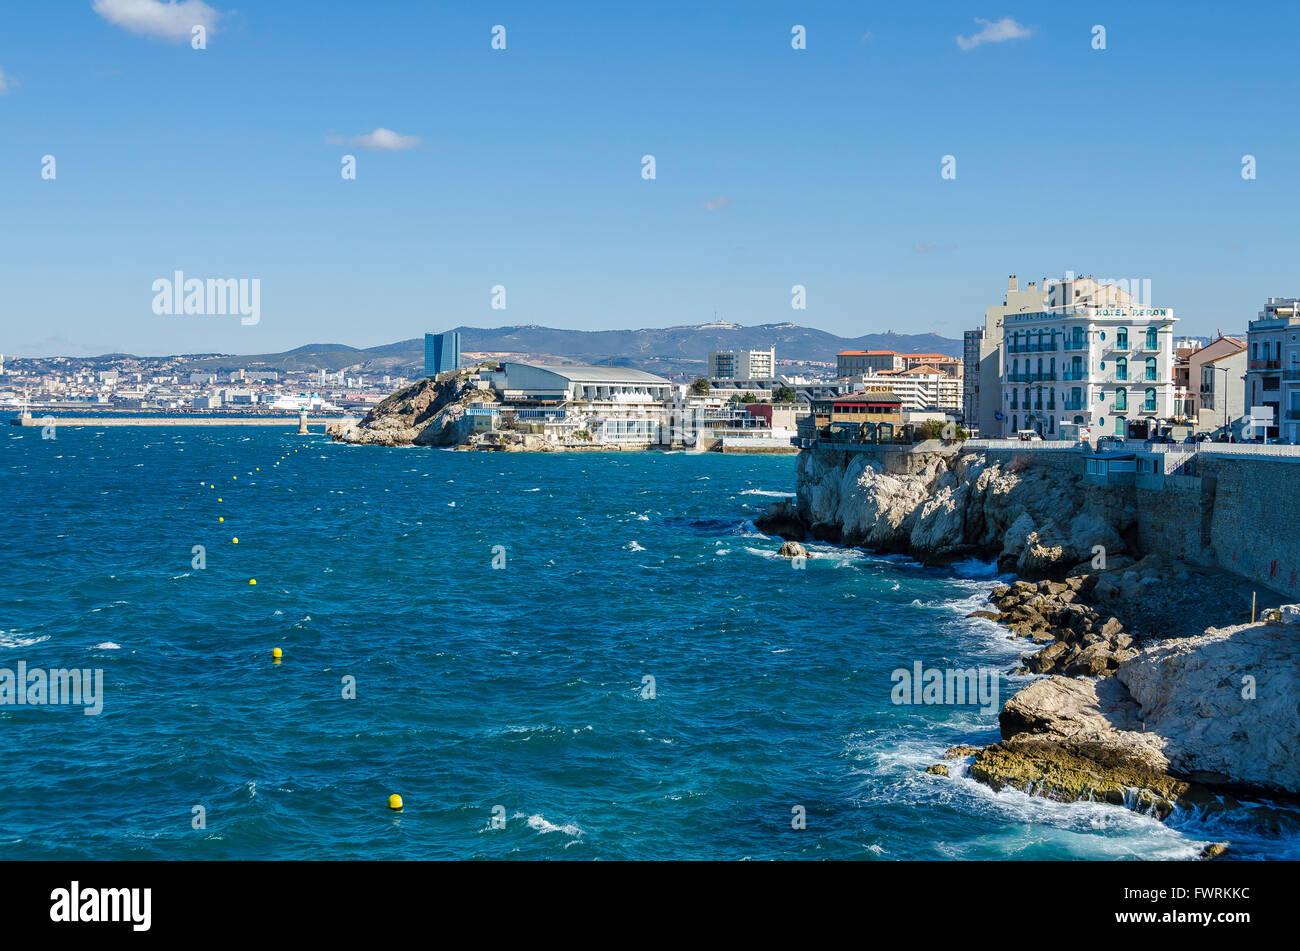 La Joliette, le port et la Tour CGM, Marseille, BDR, France 13 - Stock Image